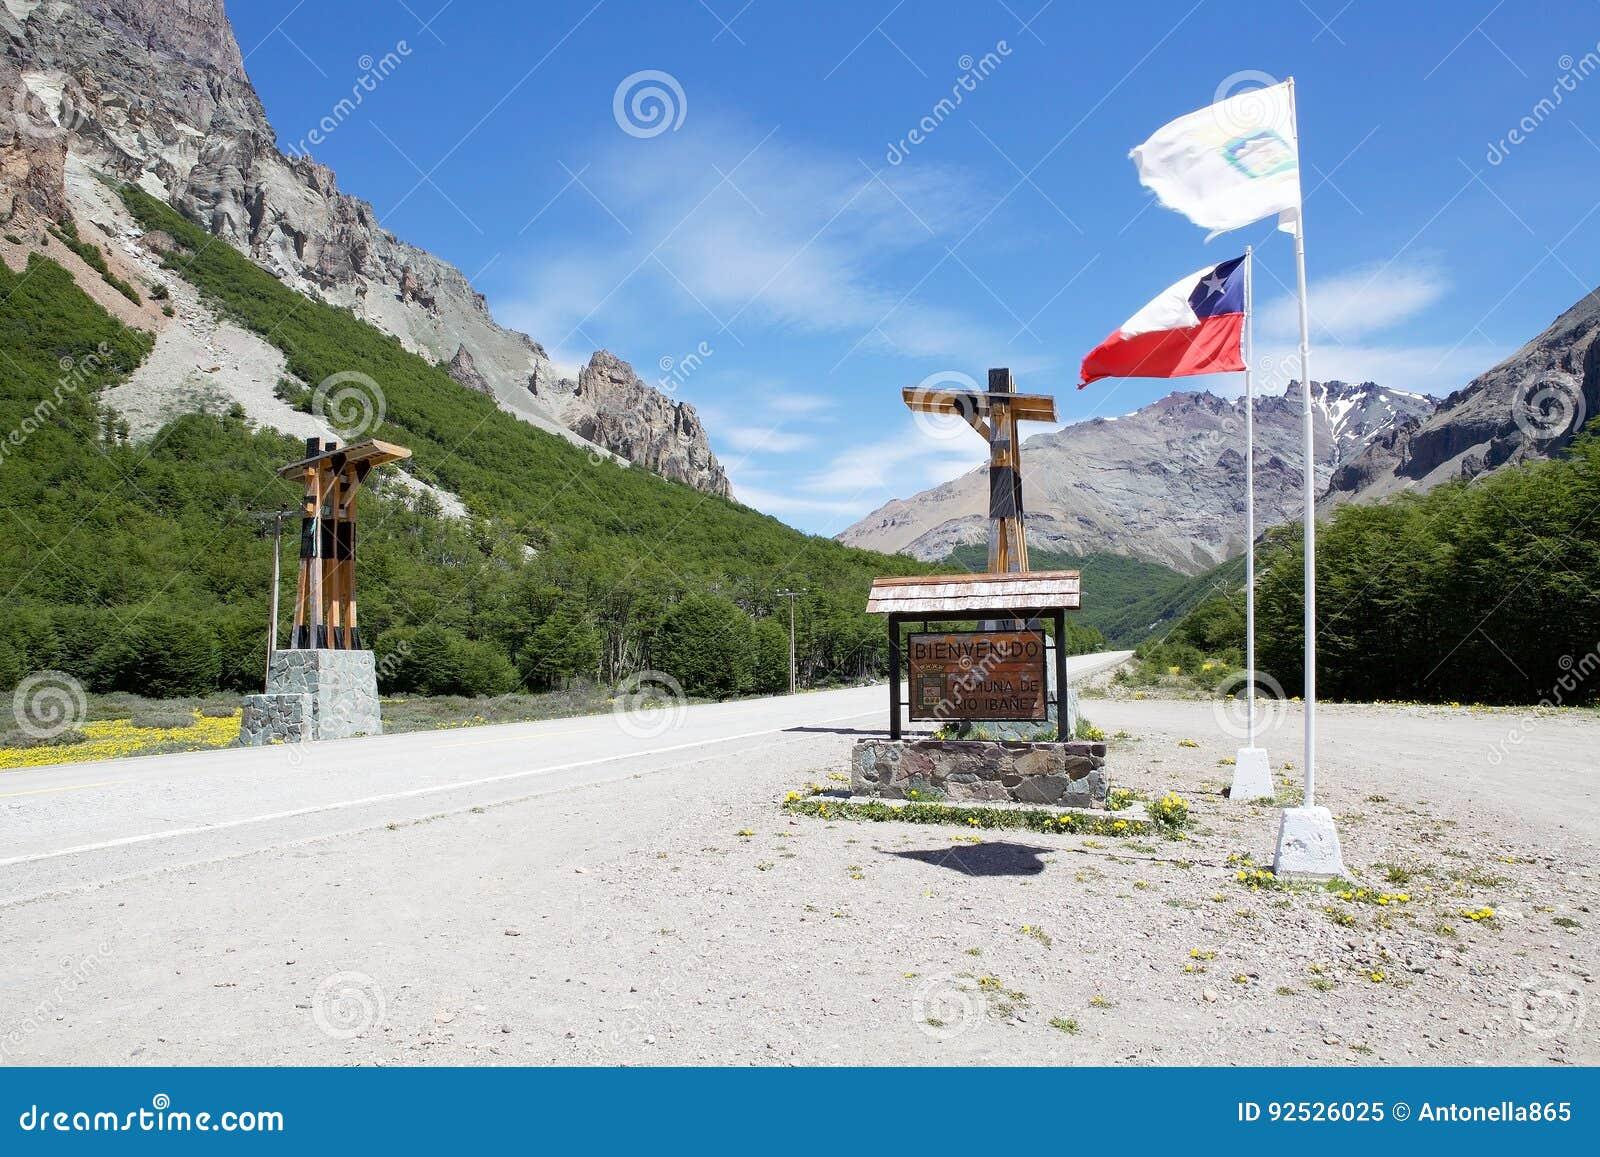 Le Carretera austral, Chili